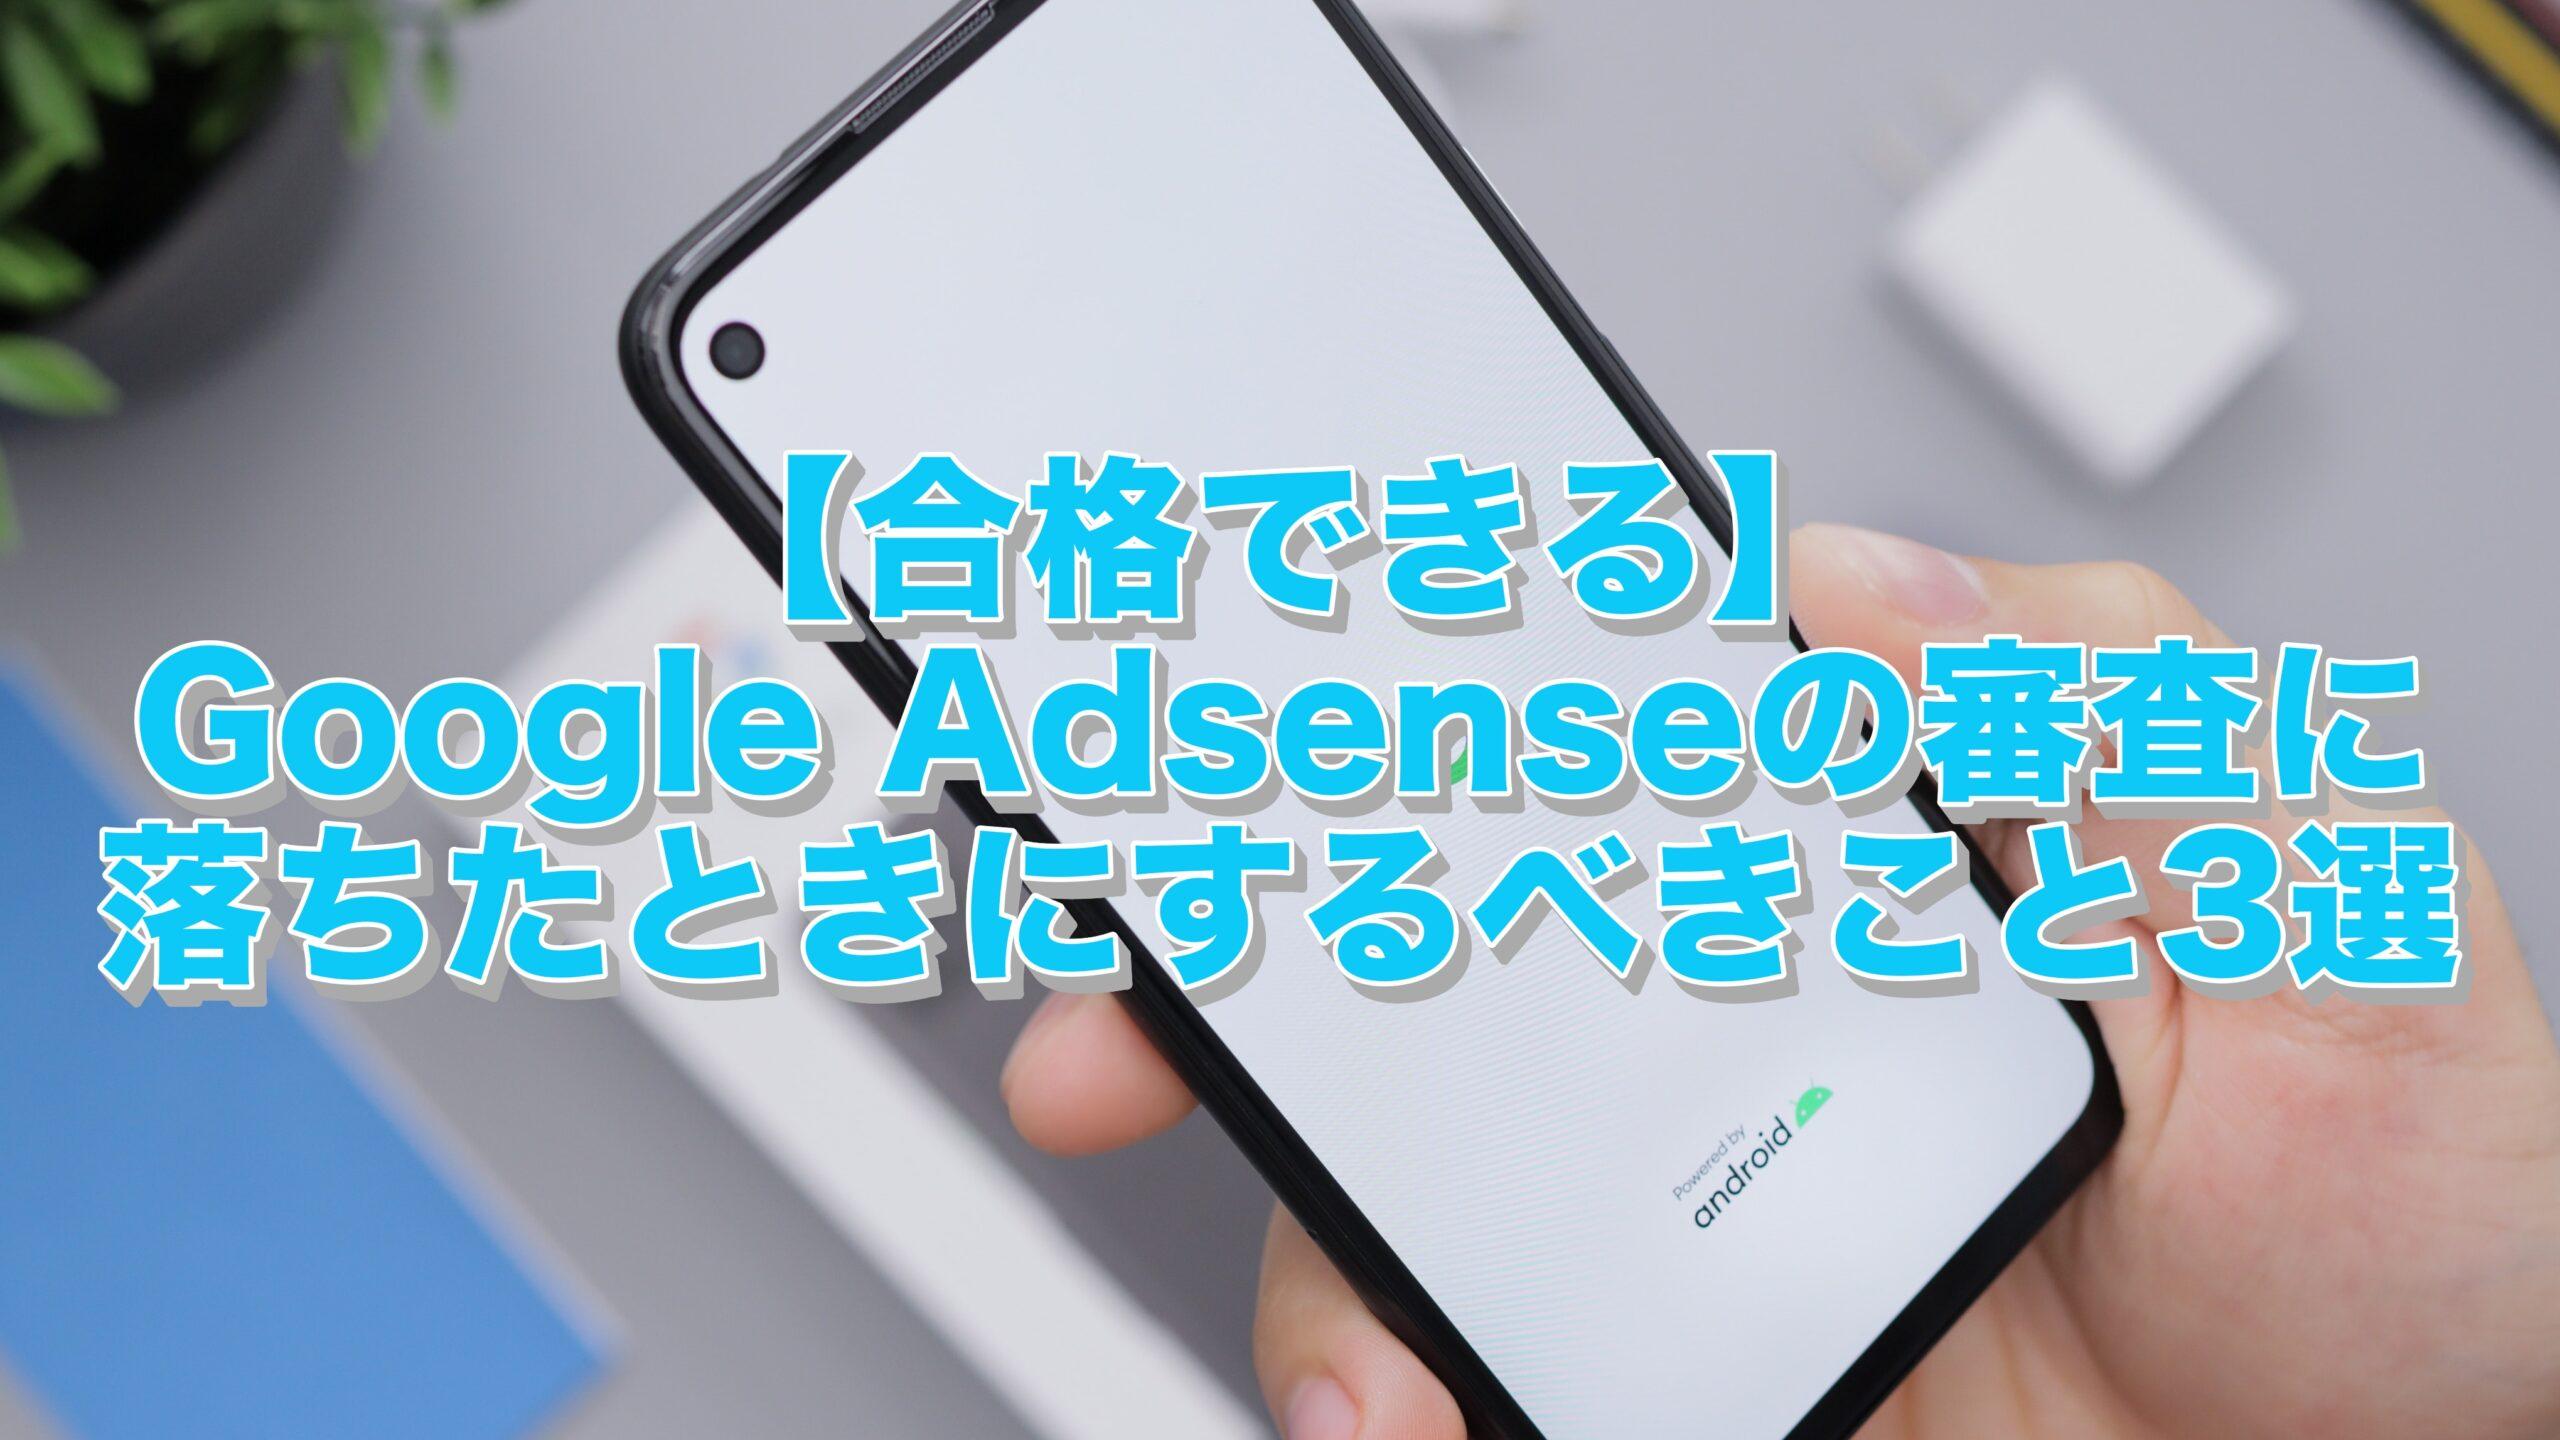 【合格できる】Google Adsenseの審査に落ちたときにするべきこと3選